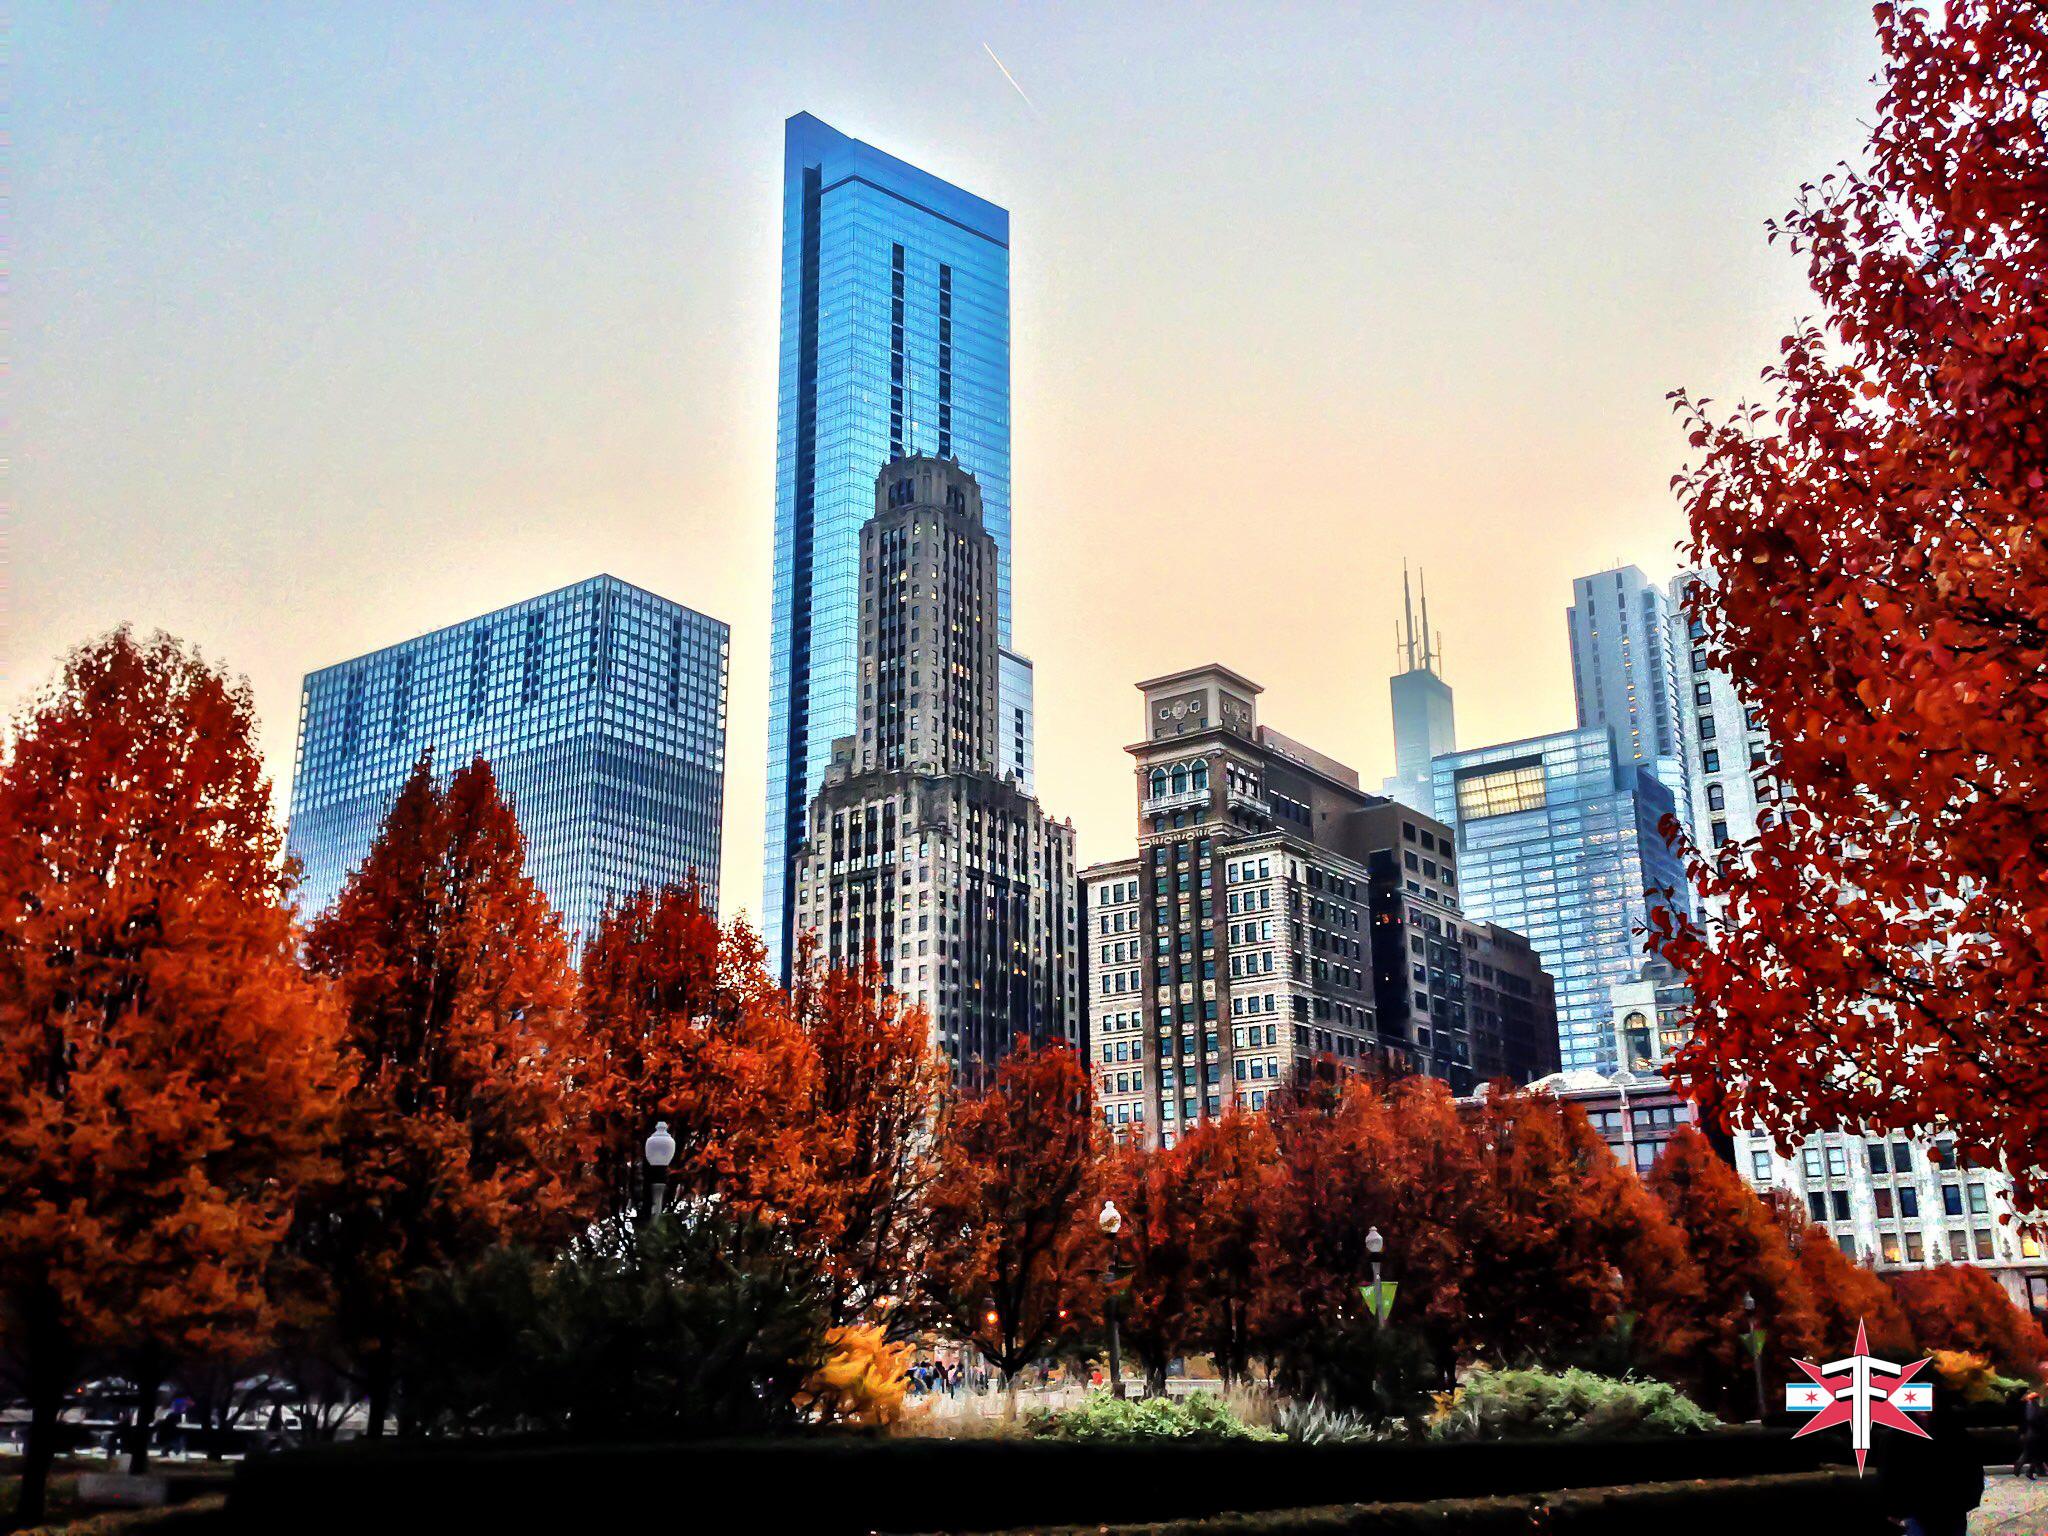 chicago art architecture eric formato photography design arquitectura architettura buildings skyscraper skyscrapers-23.jpg